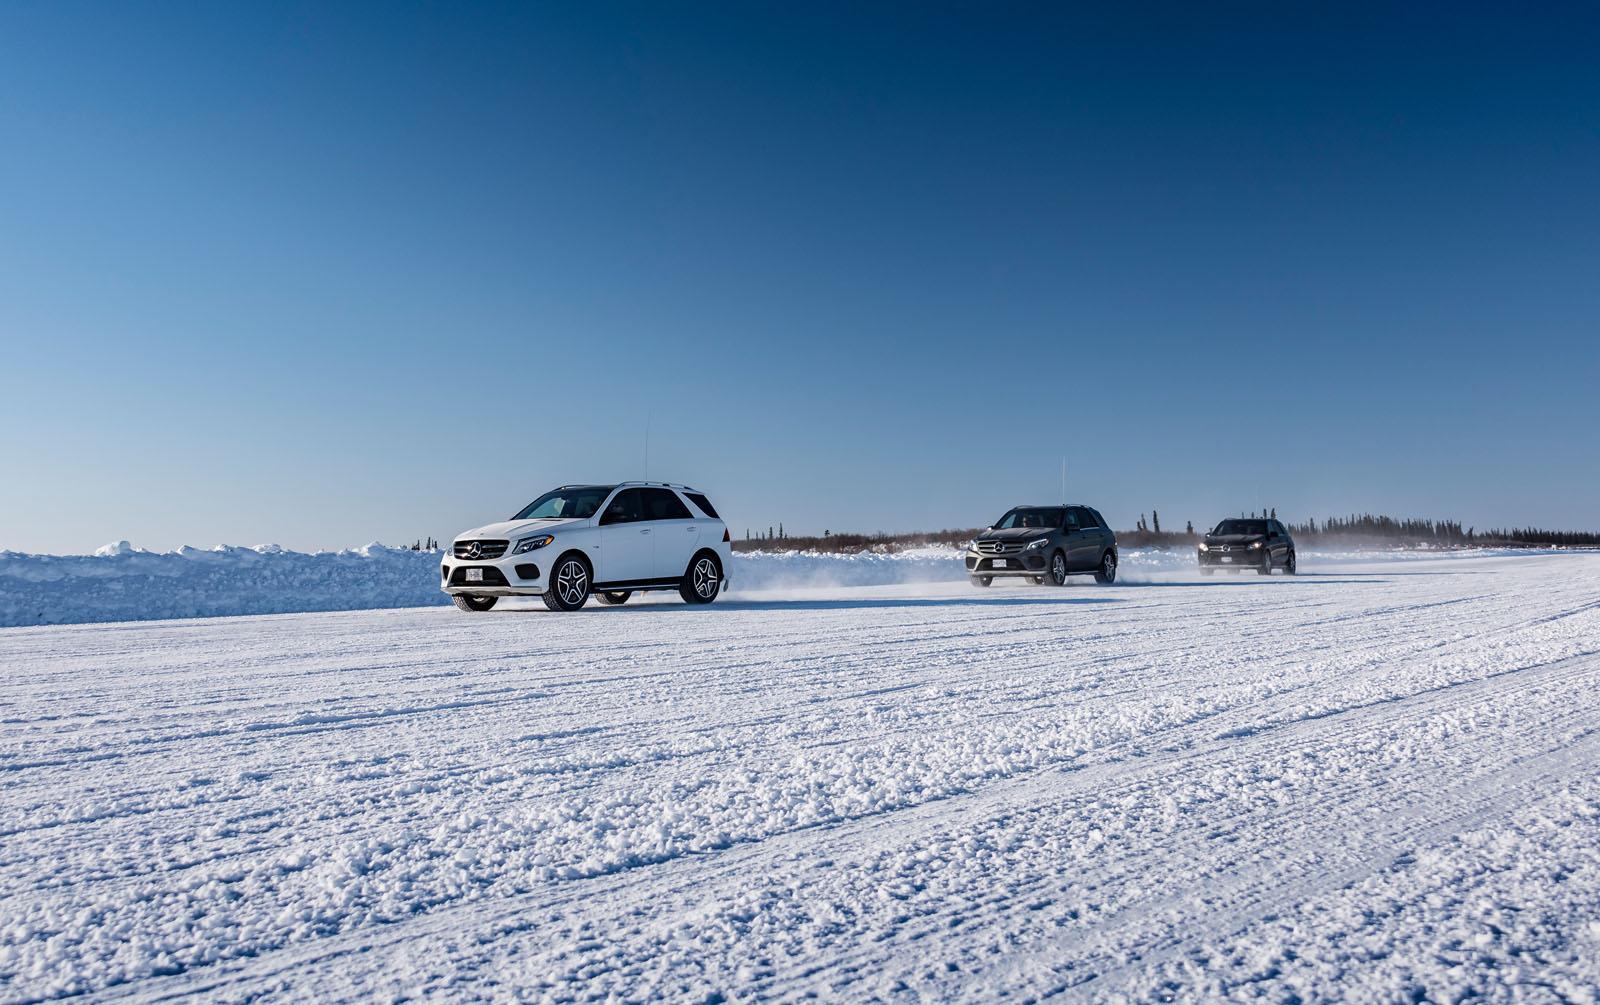 merc-ice-road-2725 taciki.ru